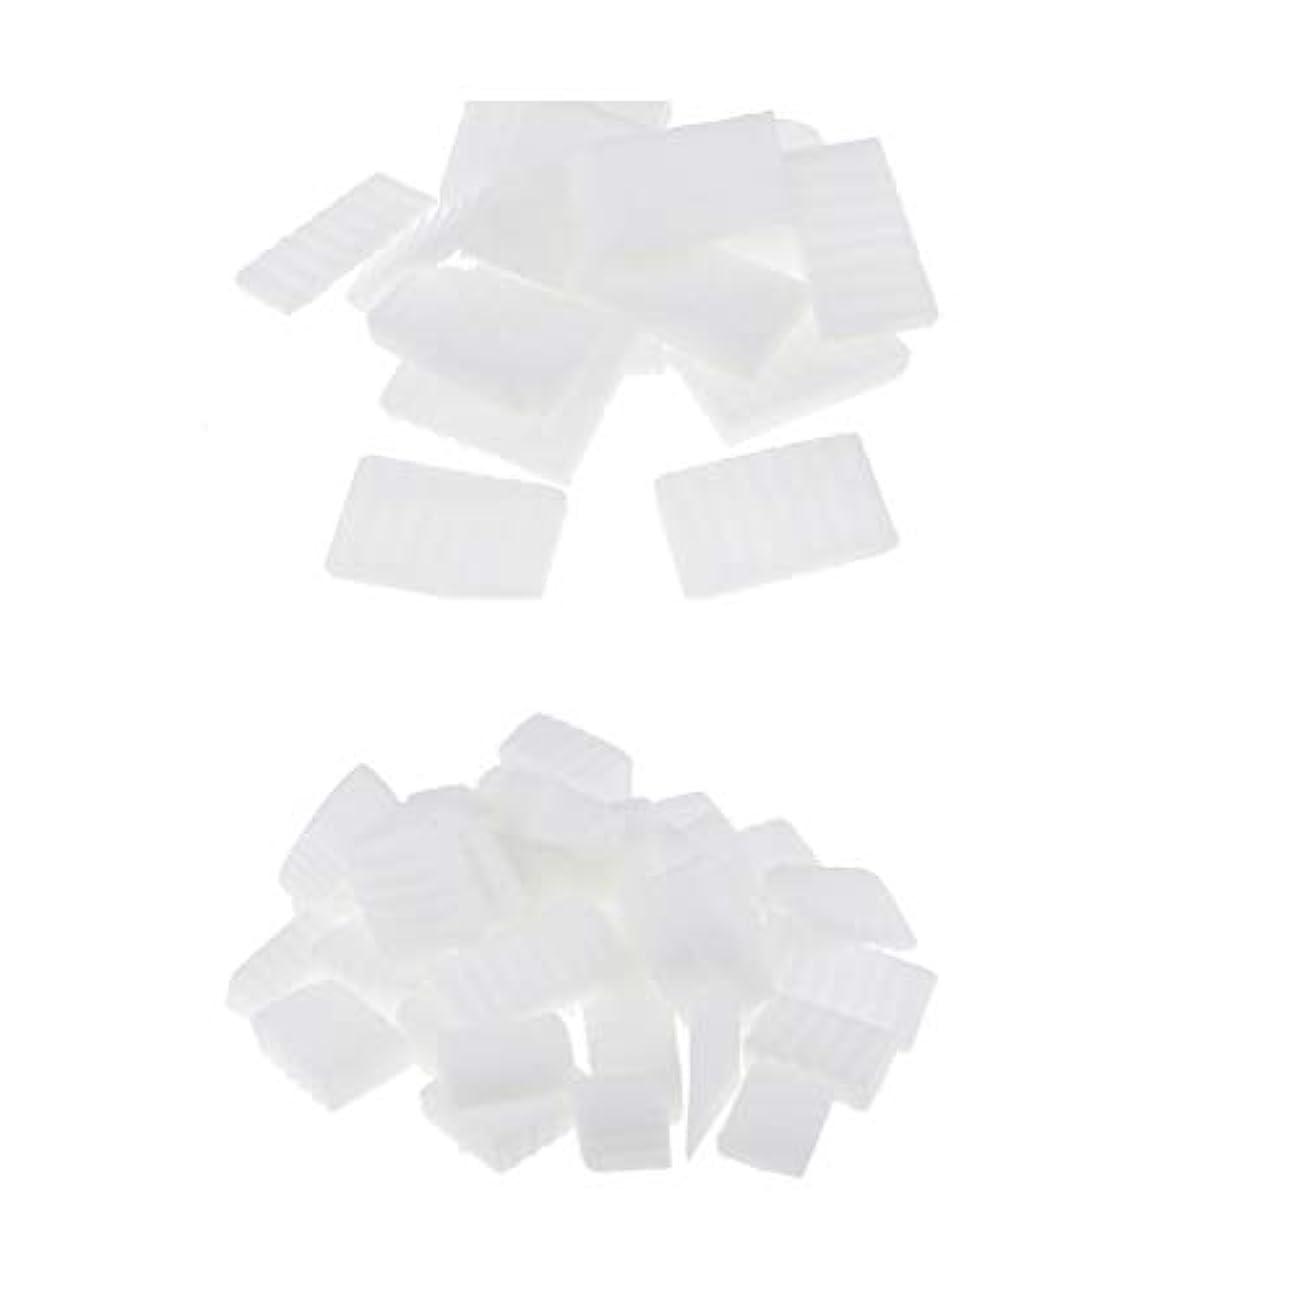 ガラガラ変える識別石けん素地 石鹸原料 DIY 手作り 石けん用 石鹸用 豆乳石けん用 白い 1500g入り